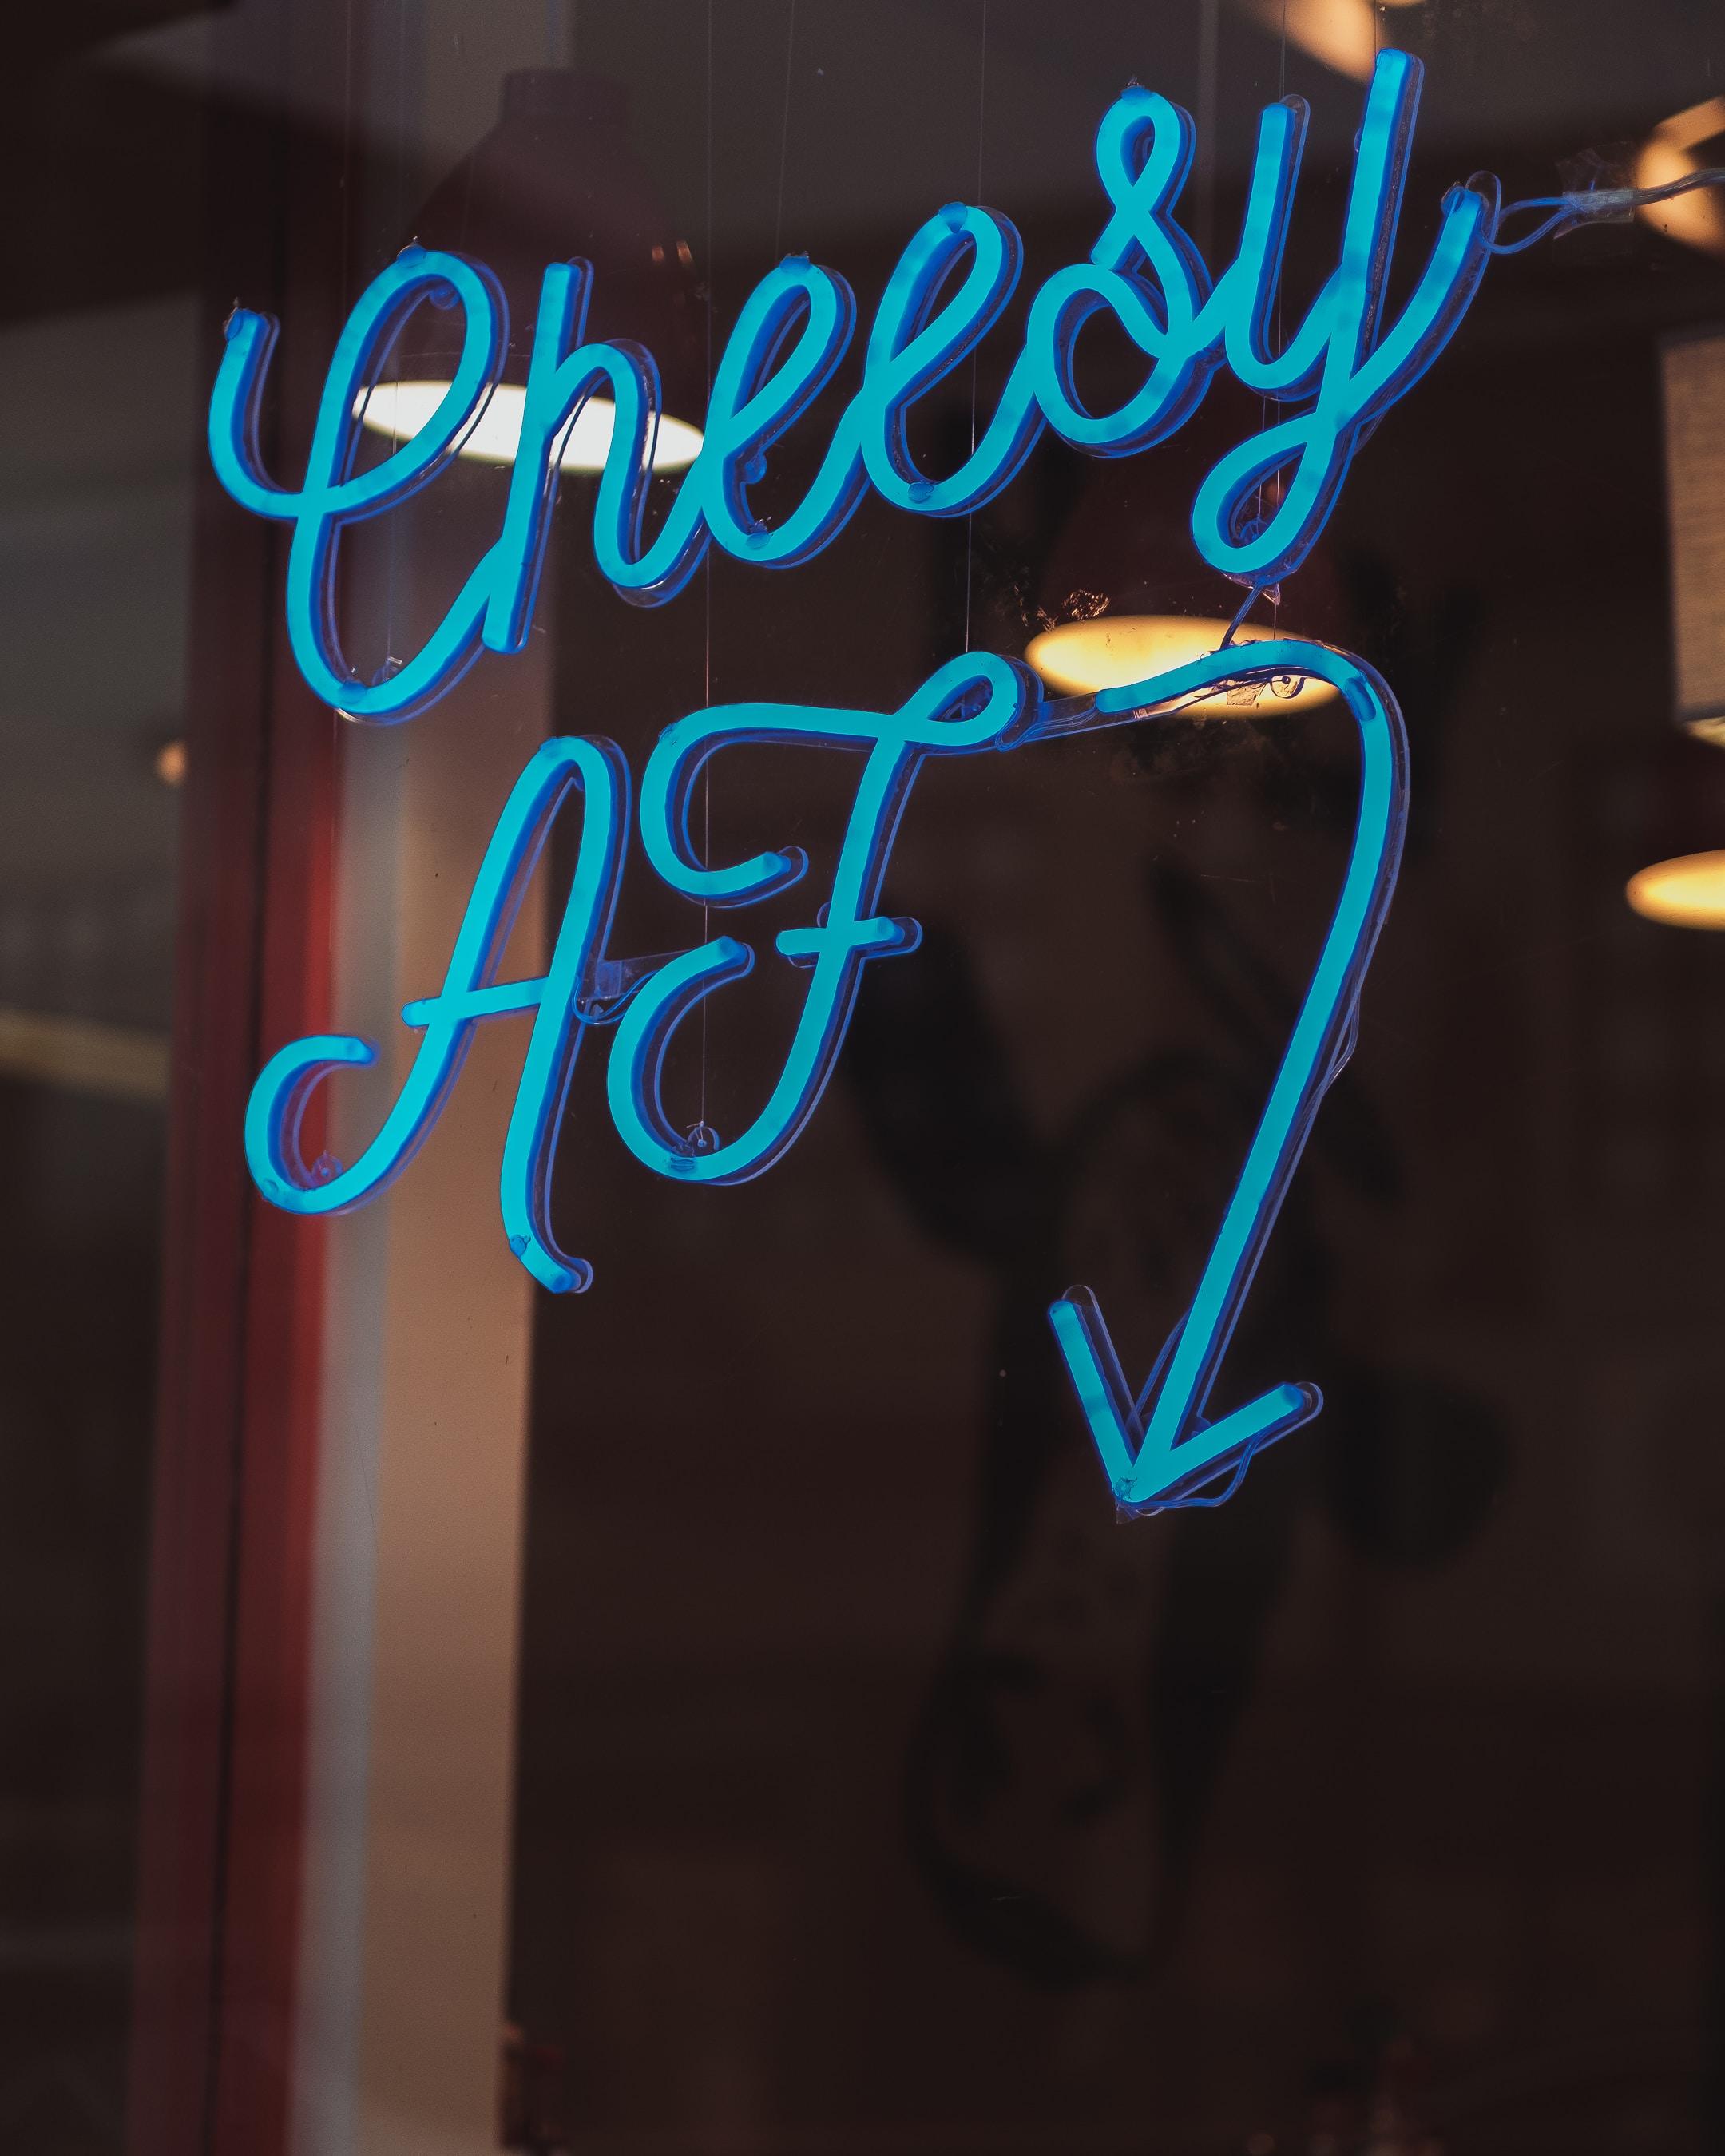 Cheesy af signage